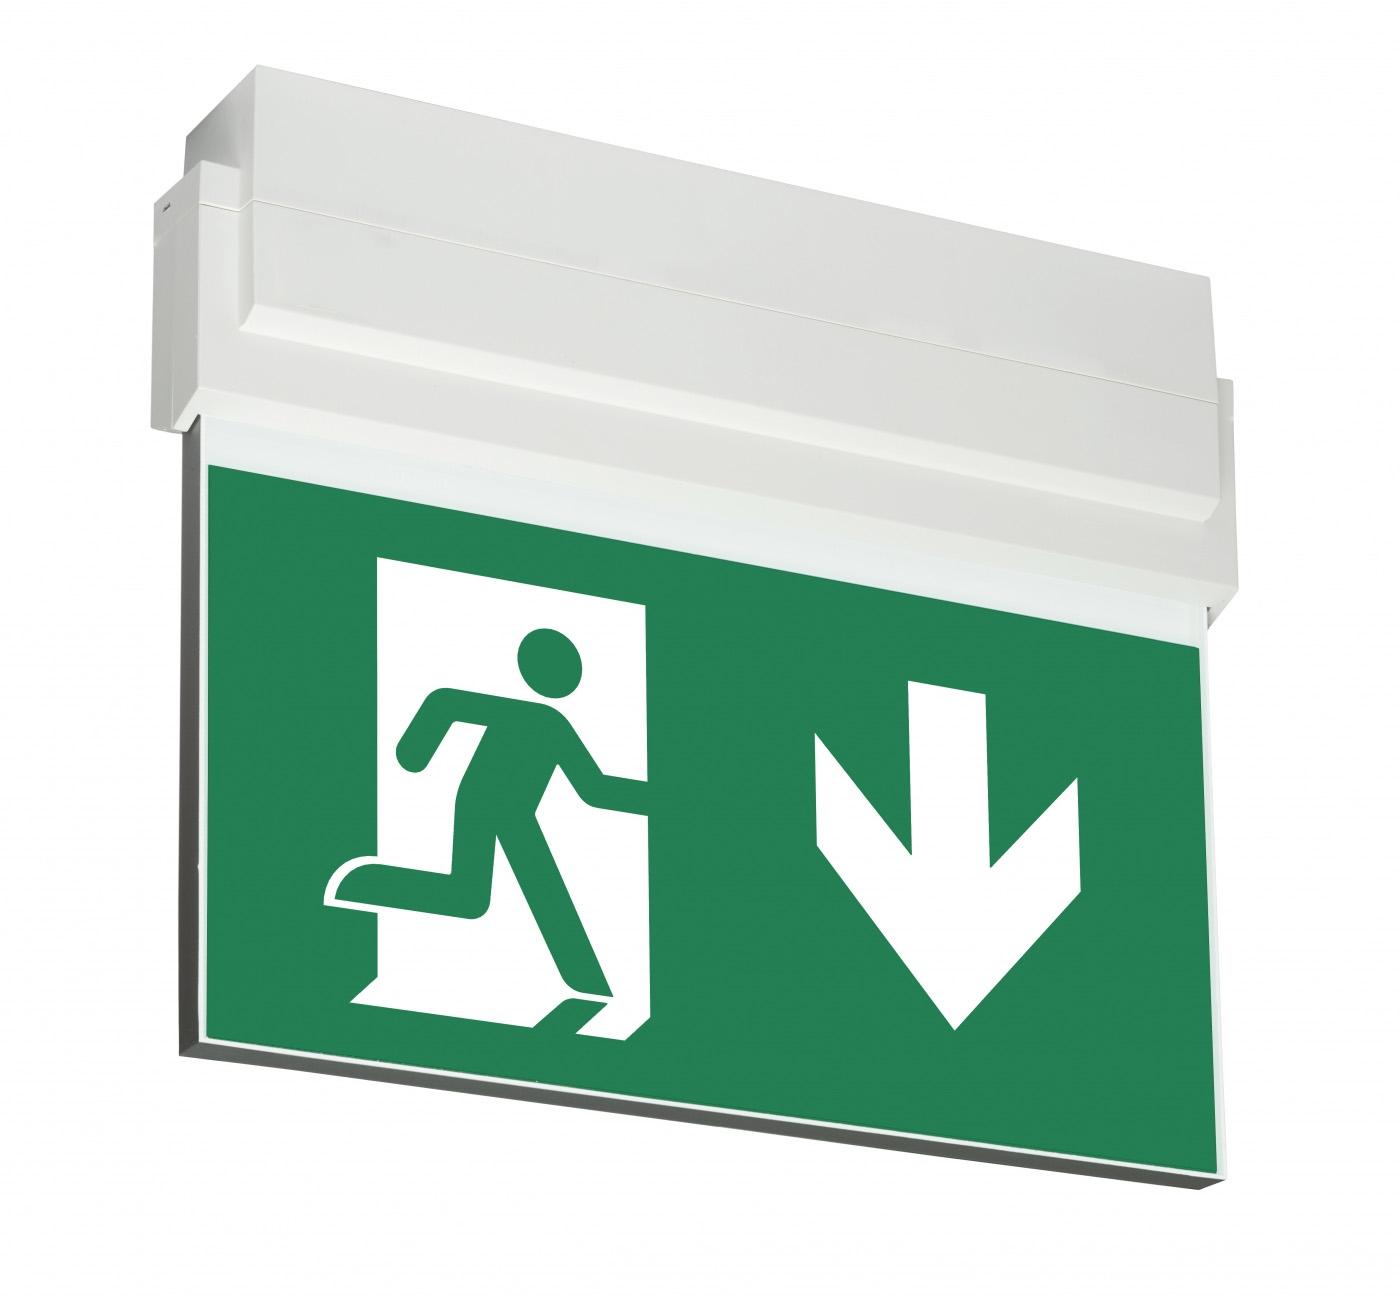 esc 80 led emergency exit light twt8051wk [ 1400 x 1298 Pixel ]